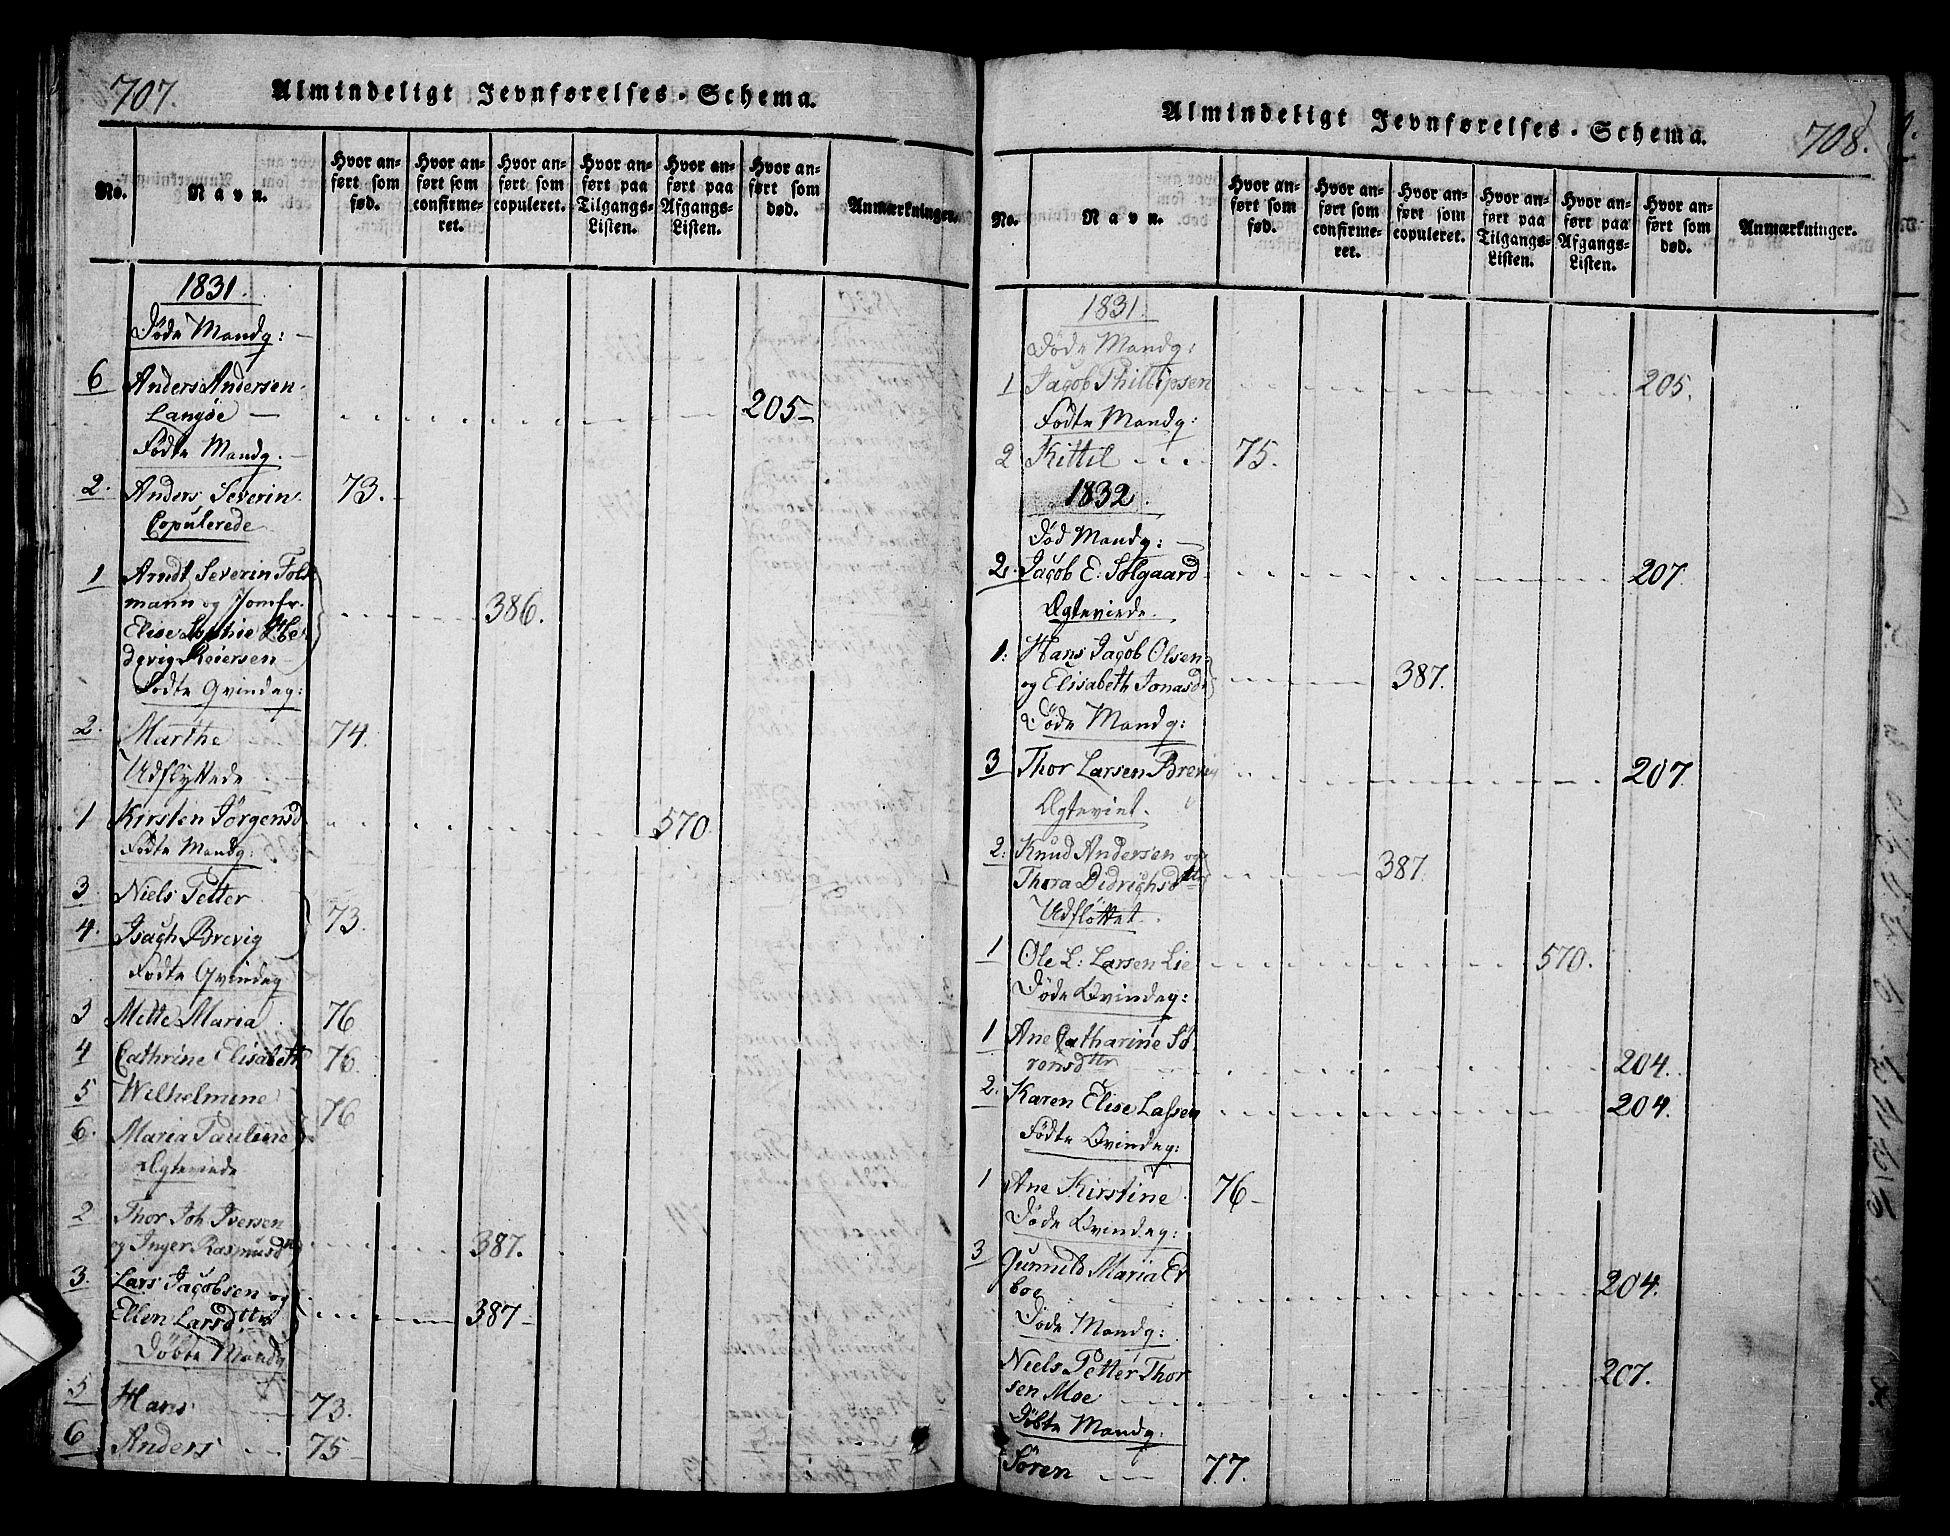 SAKO, Langesund kirkebøker, G/Ga/L0003: Klokkerbok nr. 3, 1815-1858, s. 707-708